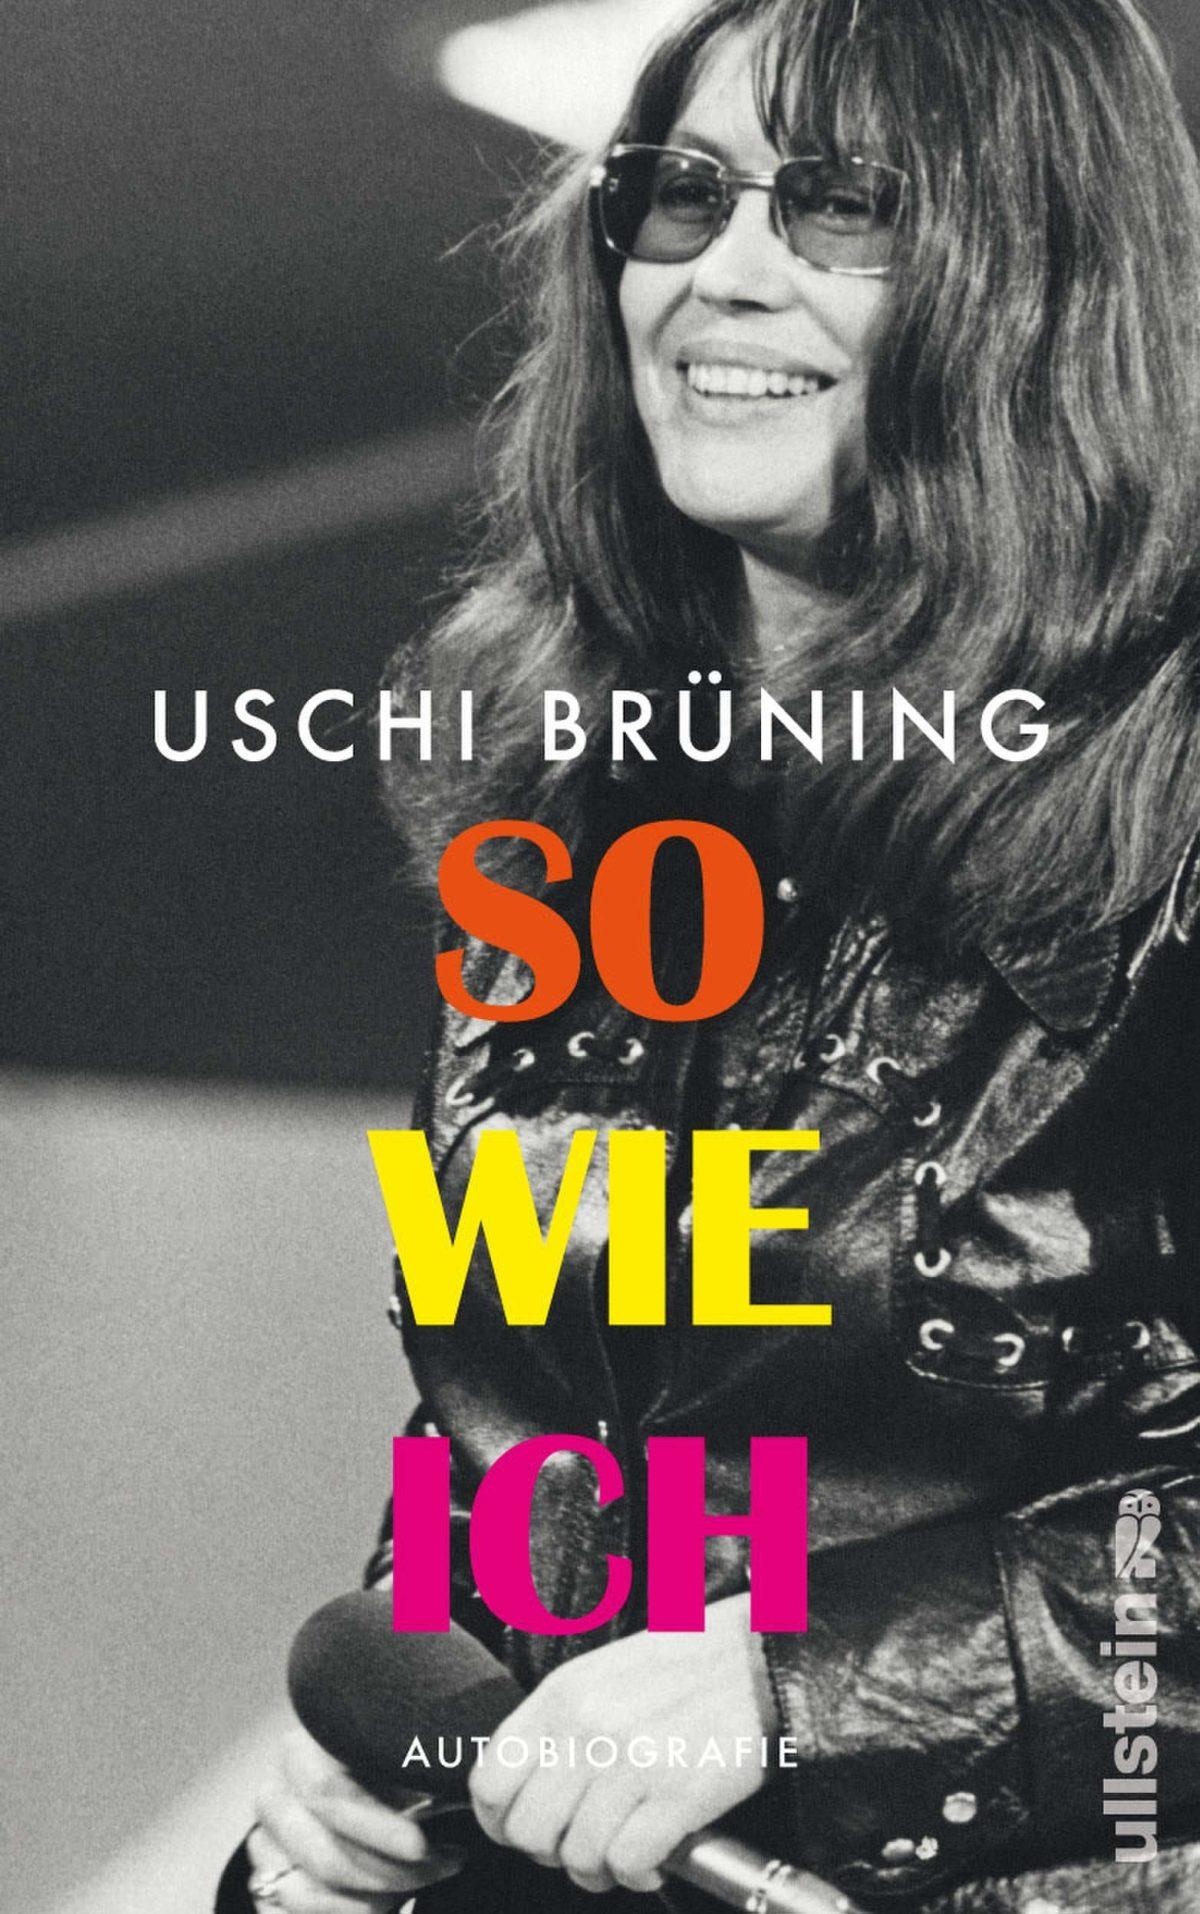 Compte rendu Uschi Brüning. So wie ich. Autobiographie. Ullstein Verlag, 2019 (mit Krista Maria Schädlich)